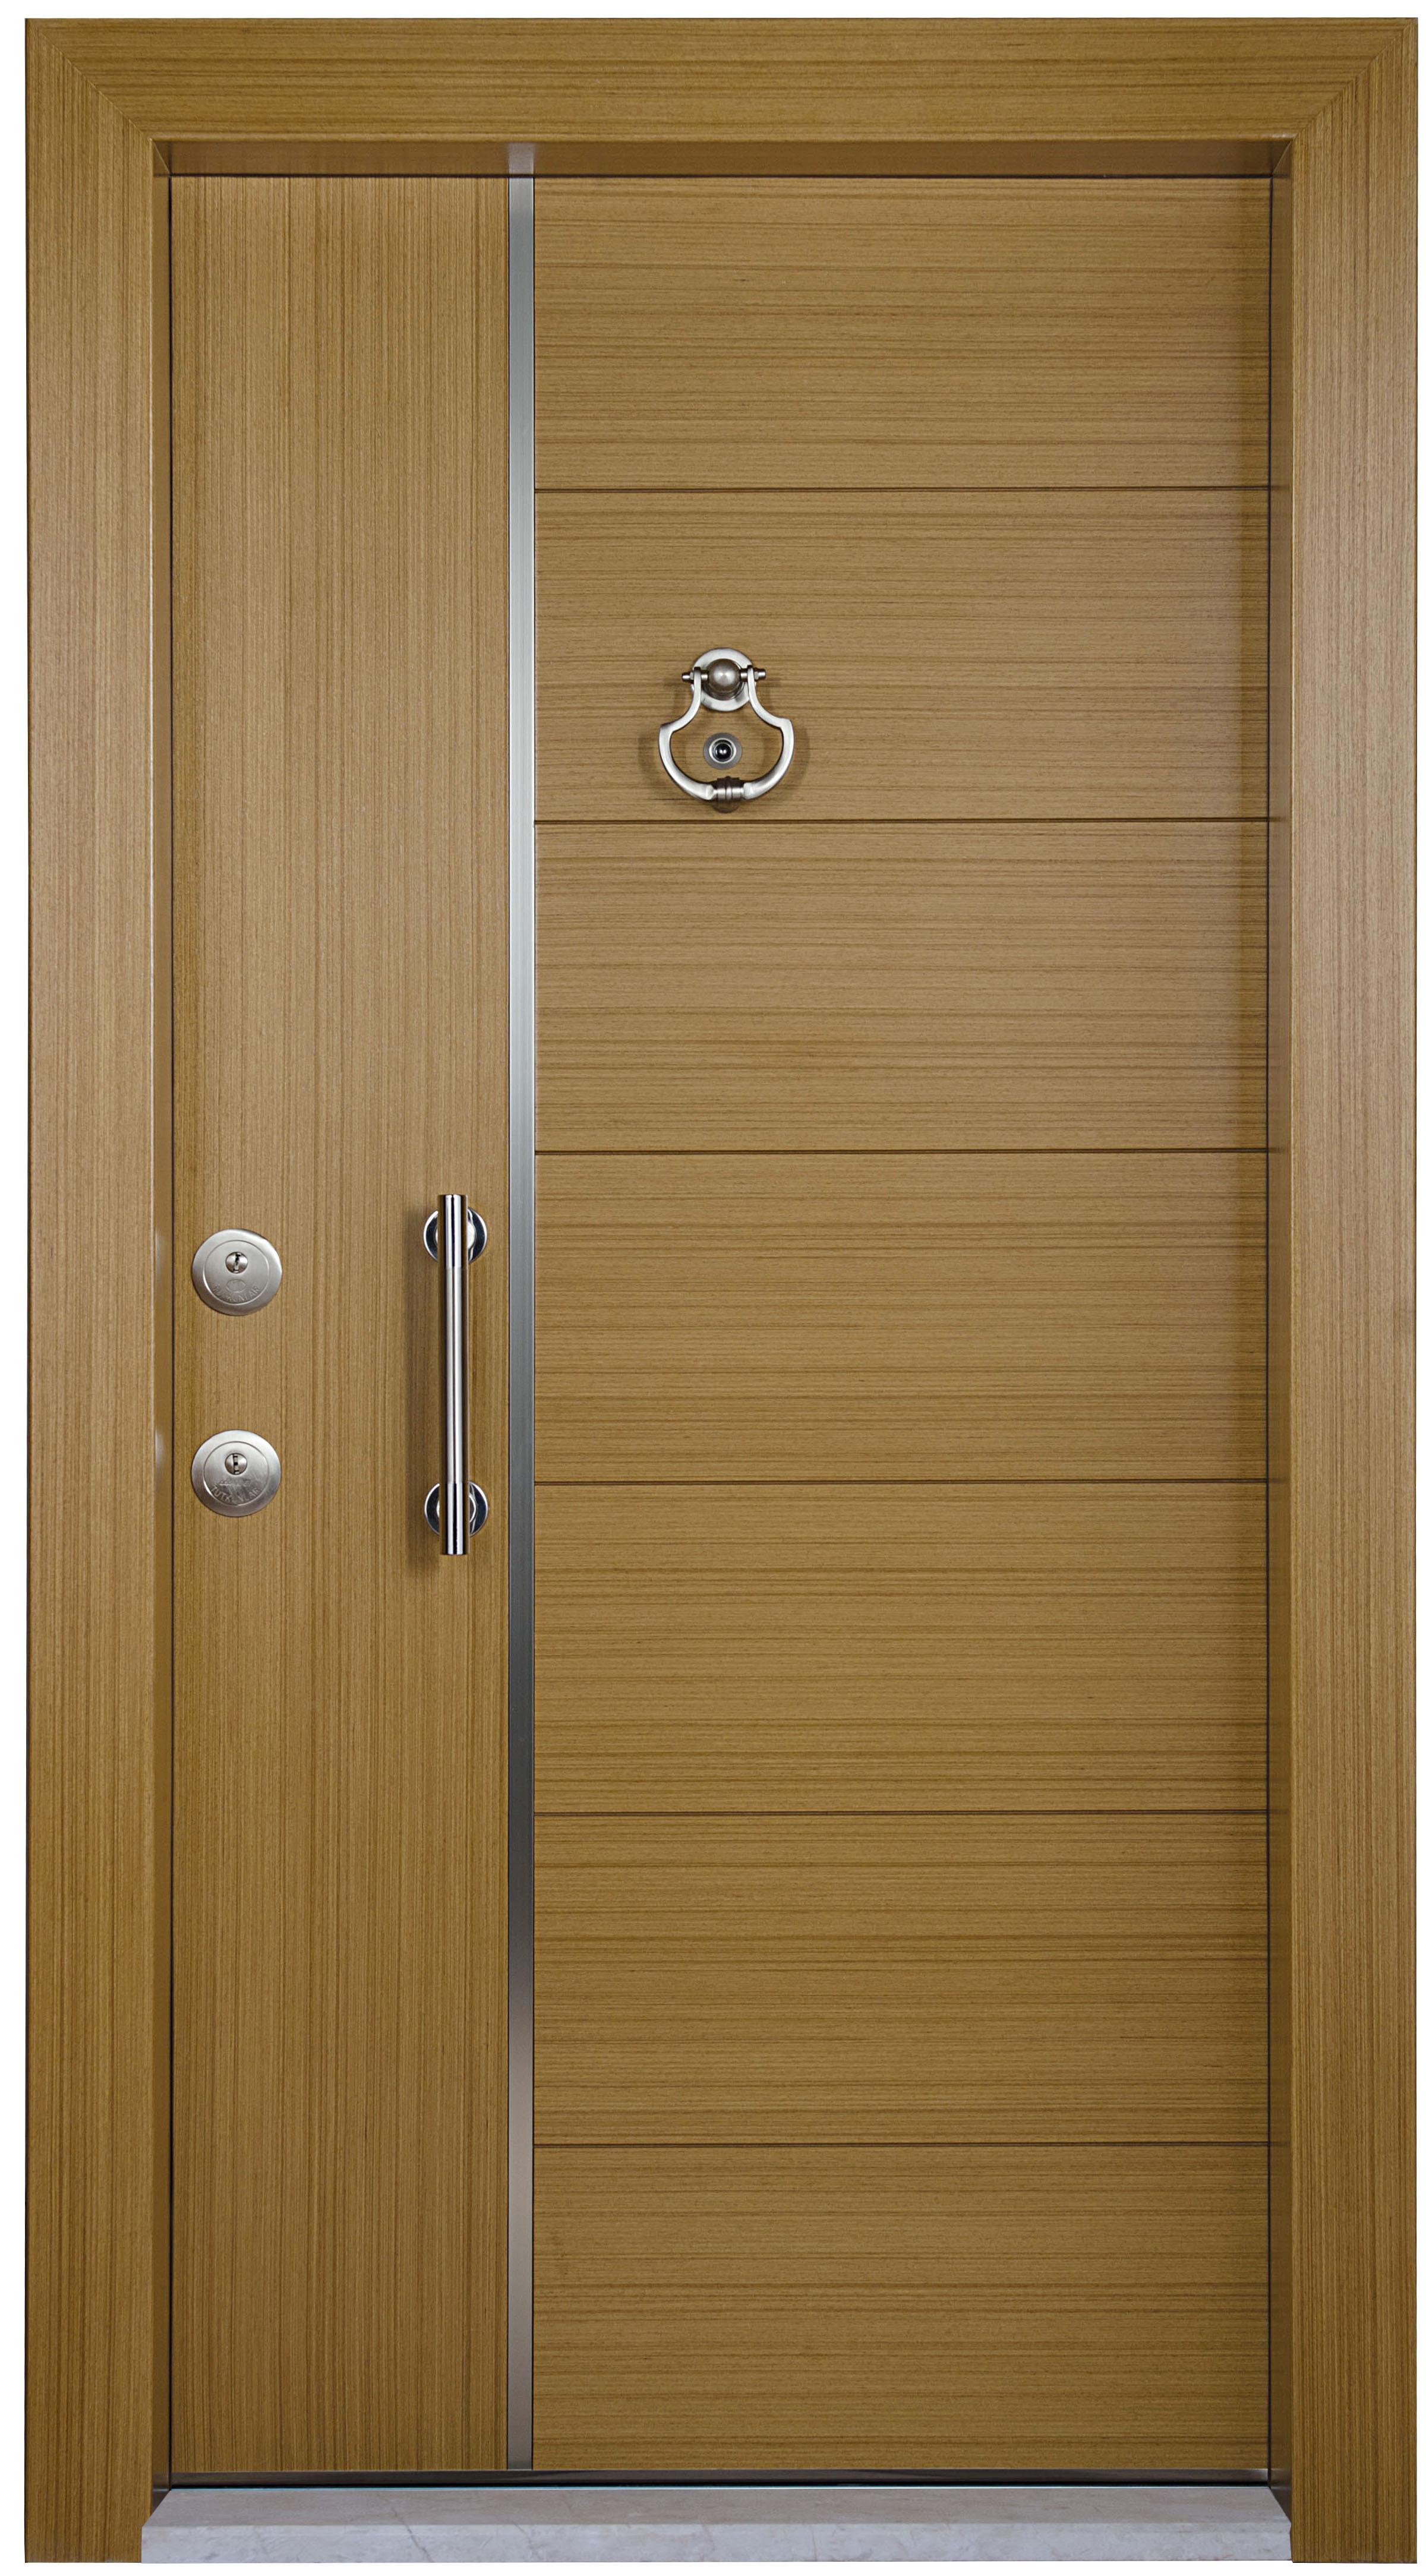 Free photo: Wooden door - Door, Furniture, Handle - Free ...